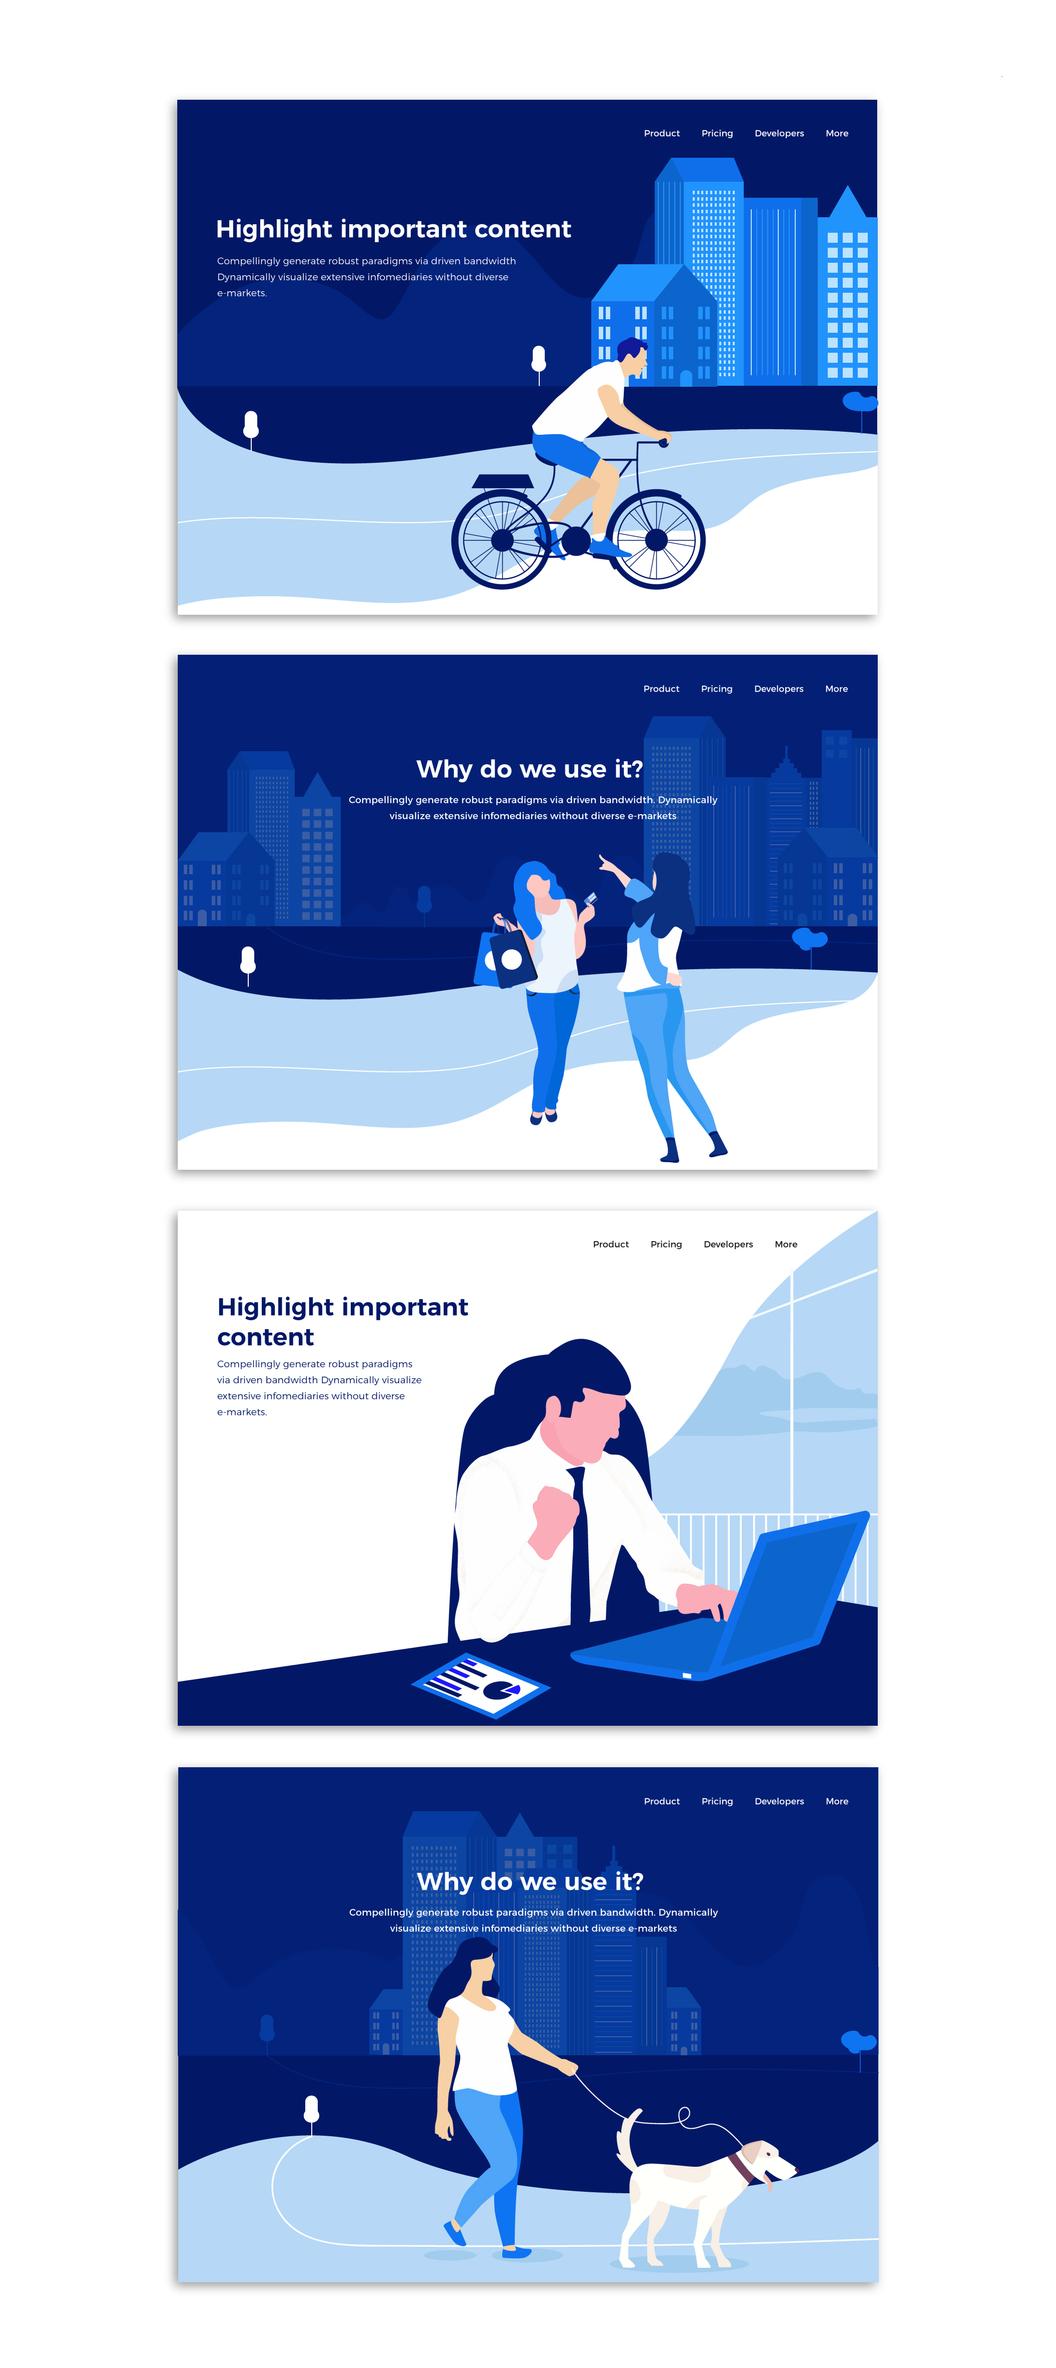 Dice Illustrations Volume 2 – Иллюстрации с мощной визуальной концепцией